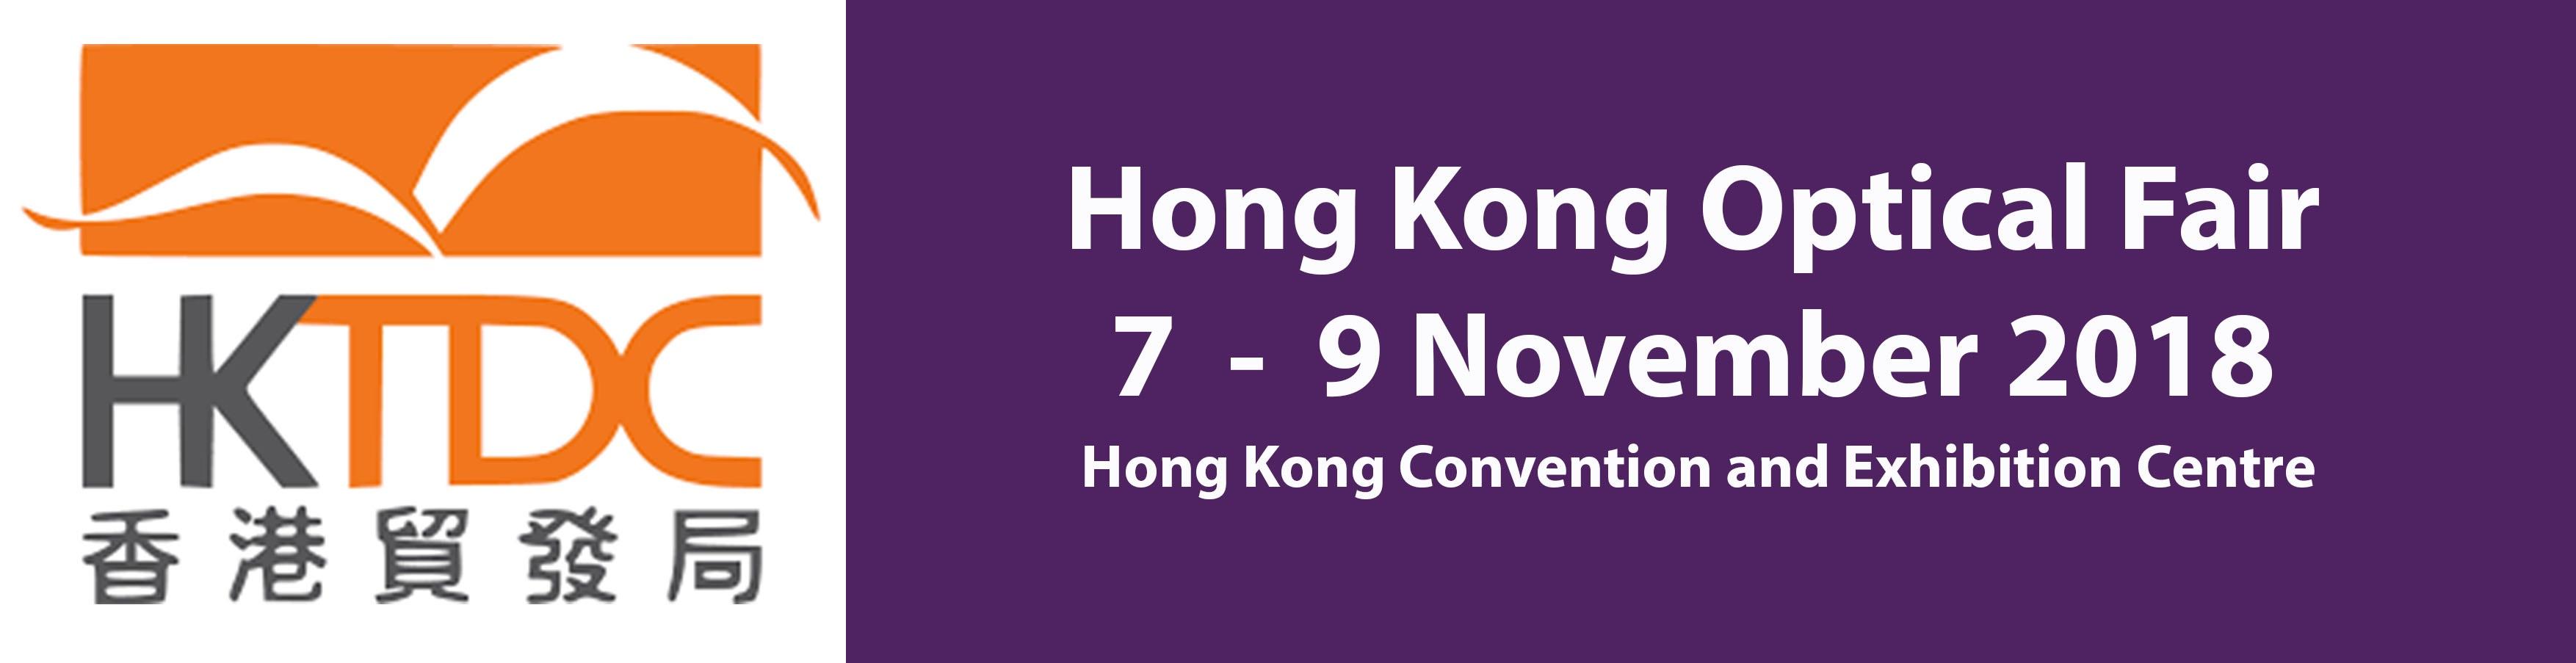 HKTDC 2018